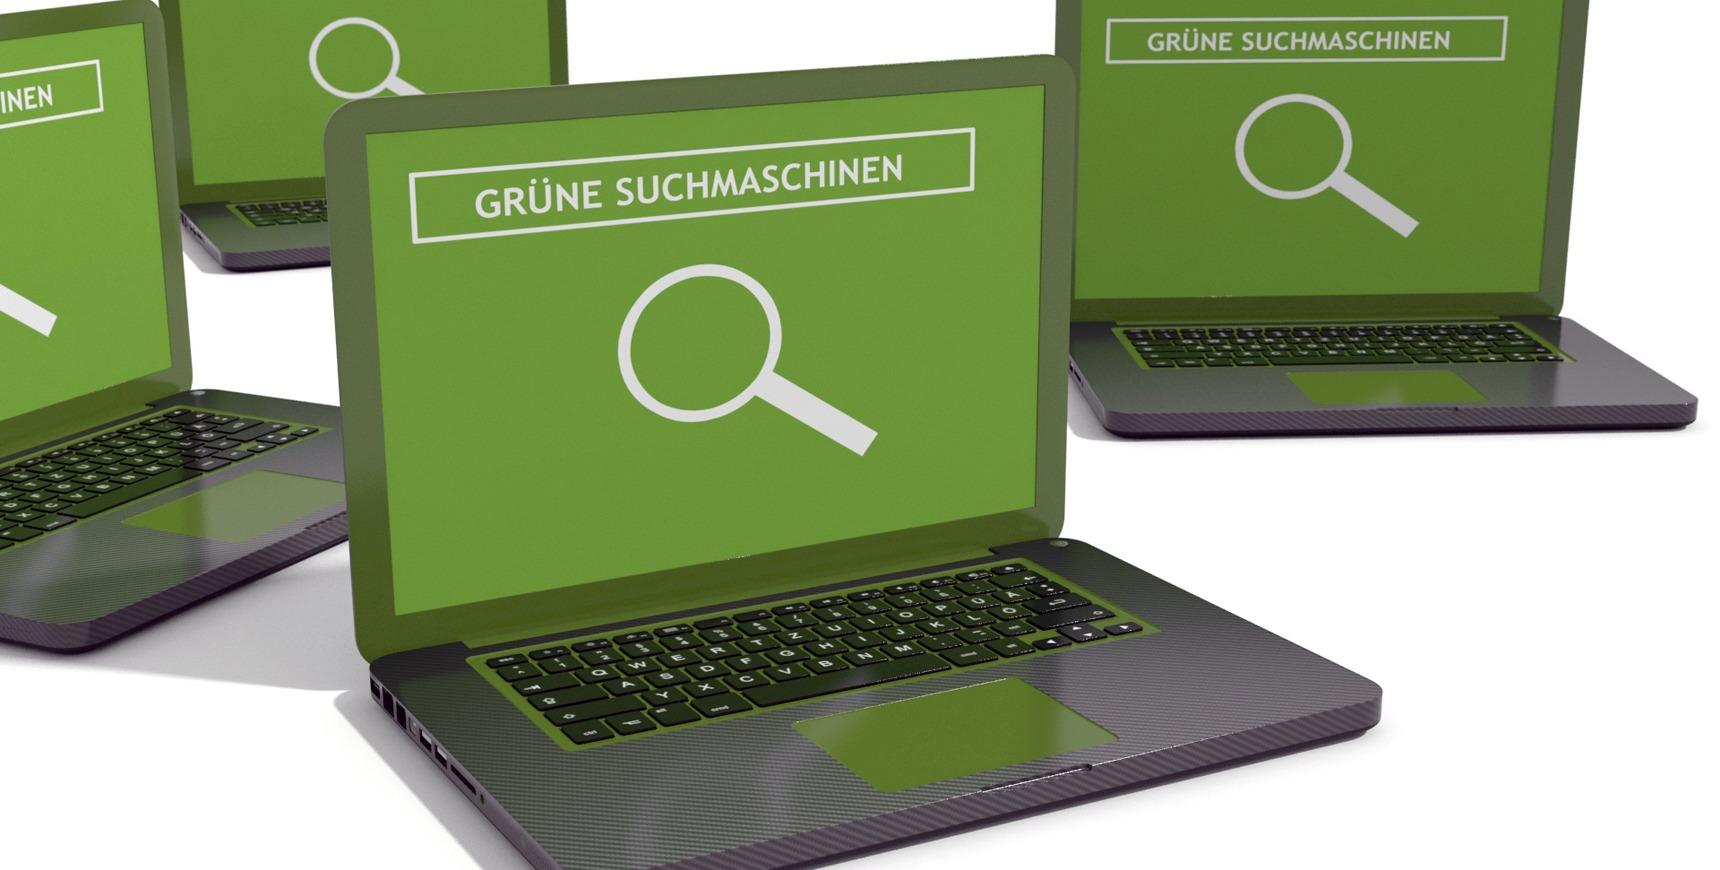 Gruene Suchmaschinen Illu